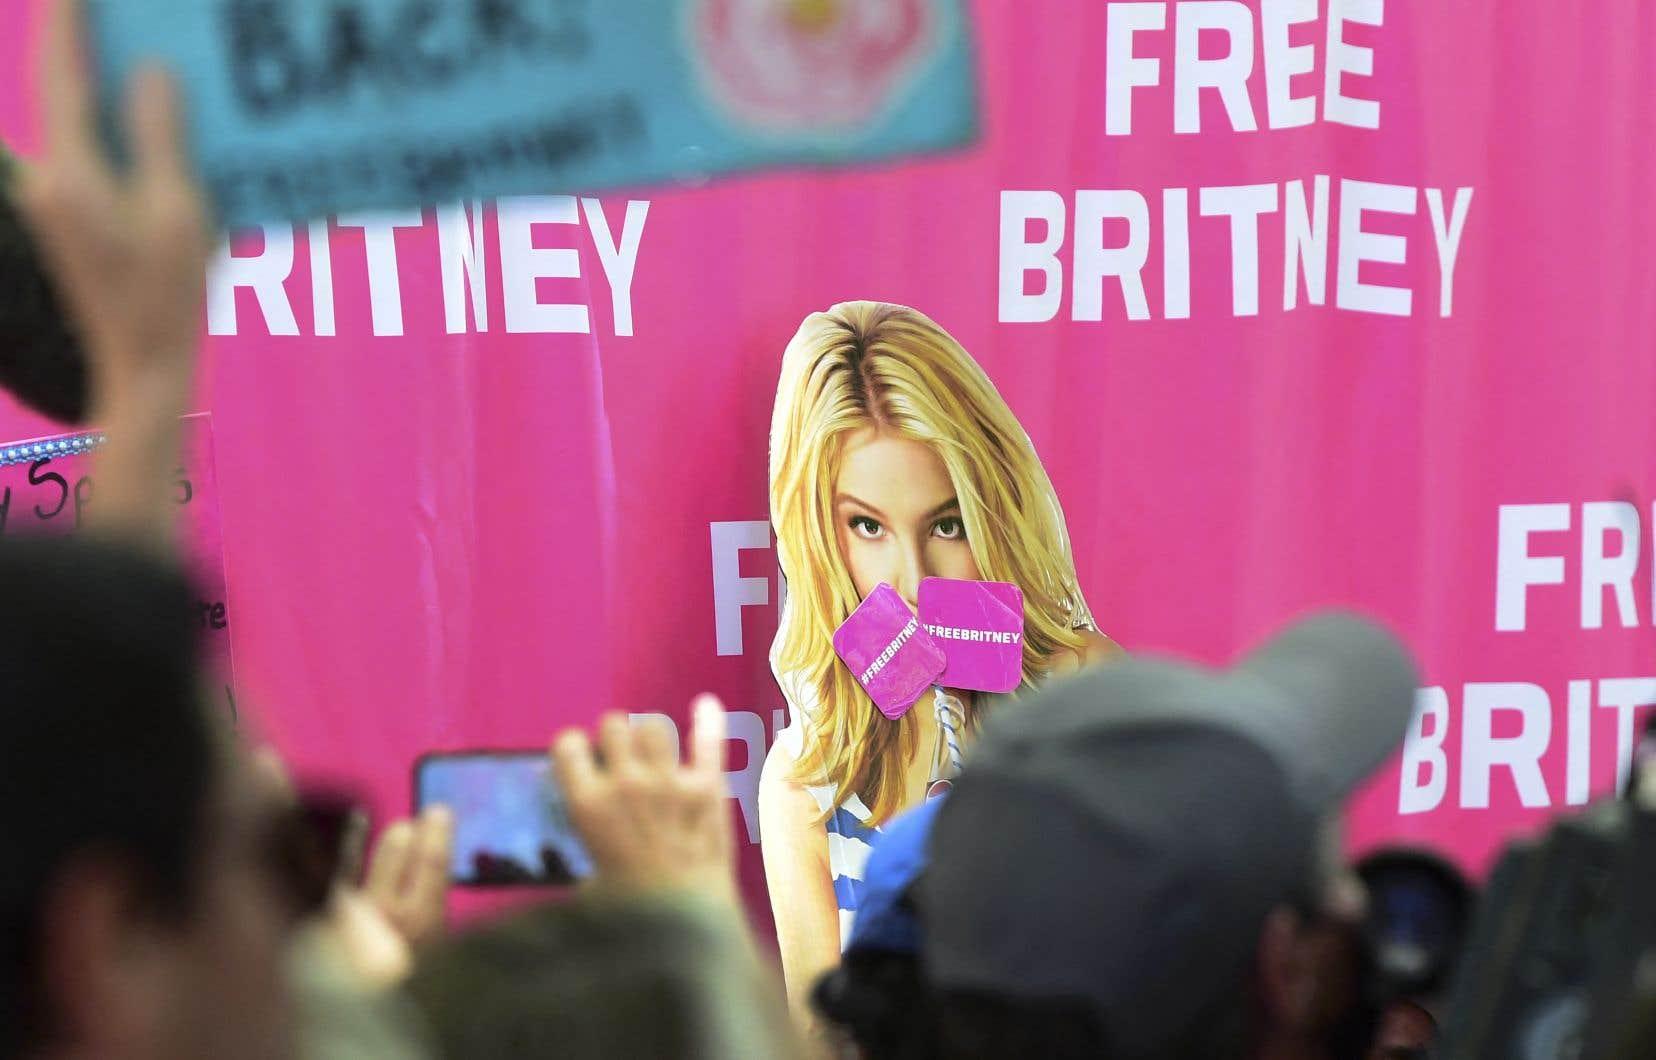 Plusieurs dizaines d'admrateurs de Britney Spears étaient présents mercredi devant le tribunal pour manifester leur soutien à leur idole.